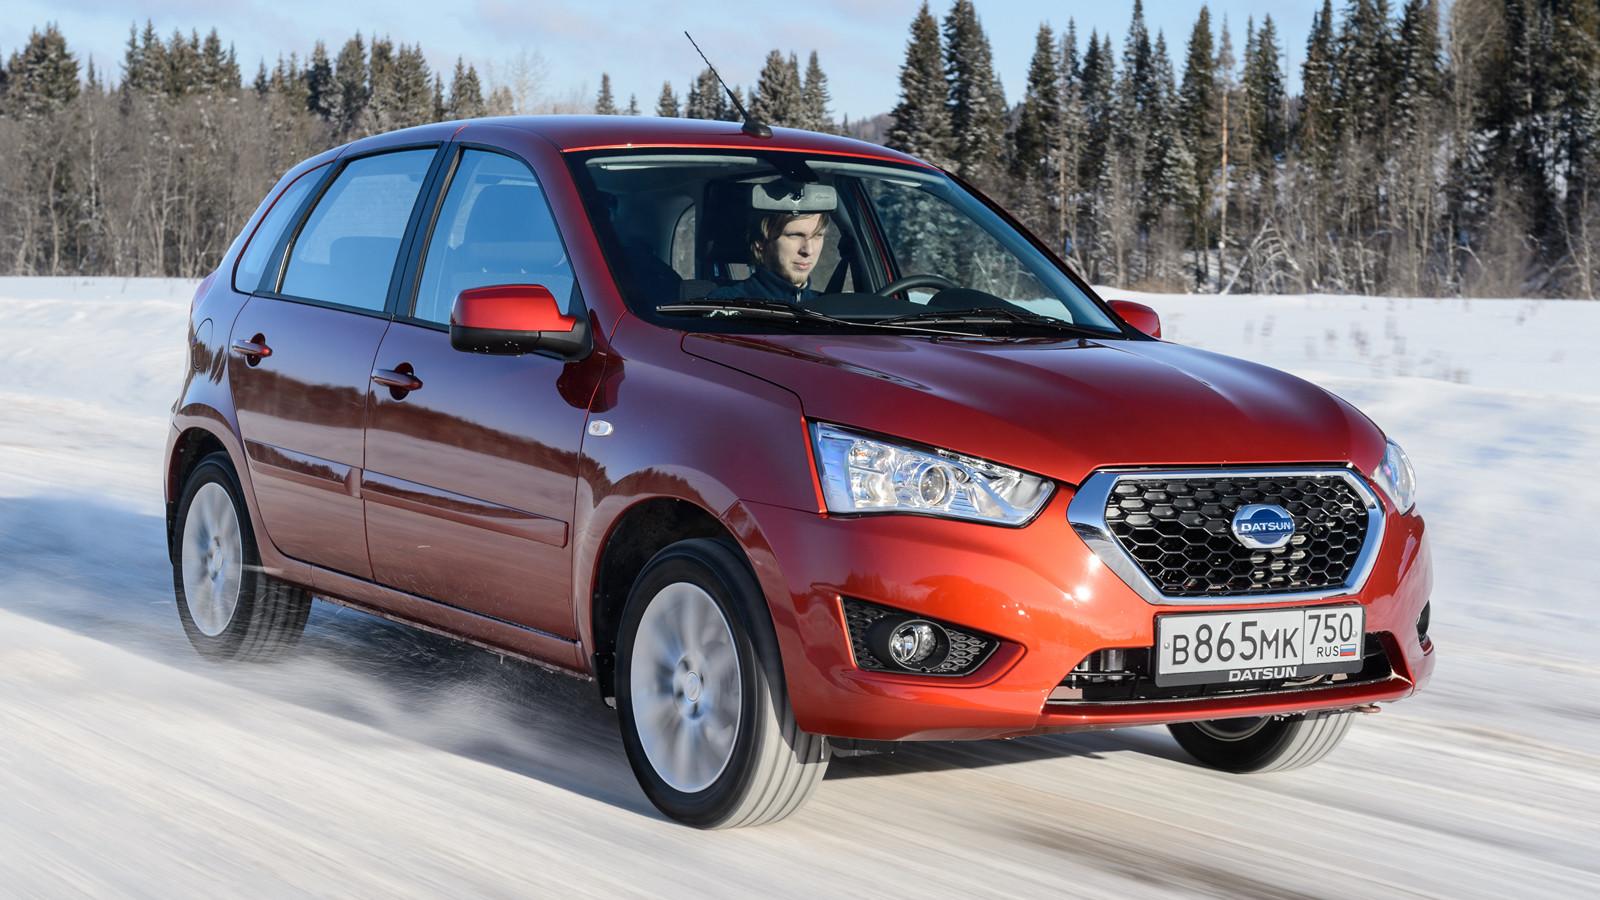 Автомобили Nissan и Datsun продолжают продаваться в РФ на выгодных условиях